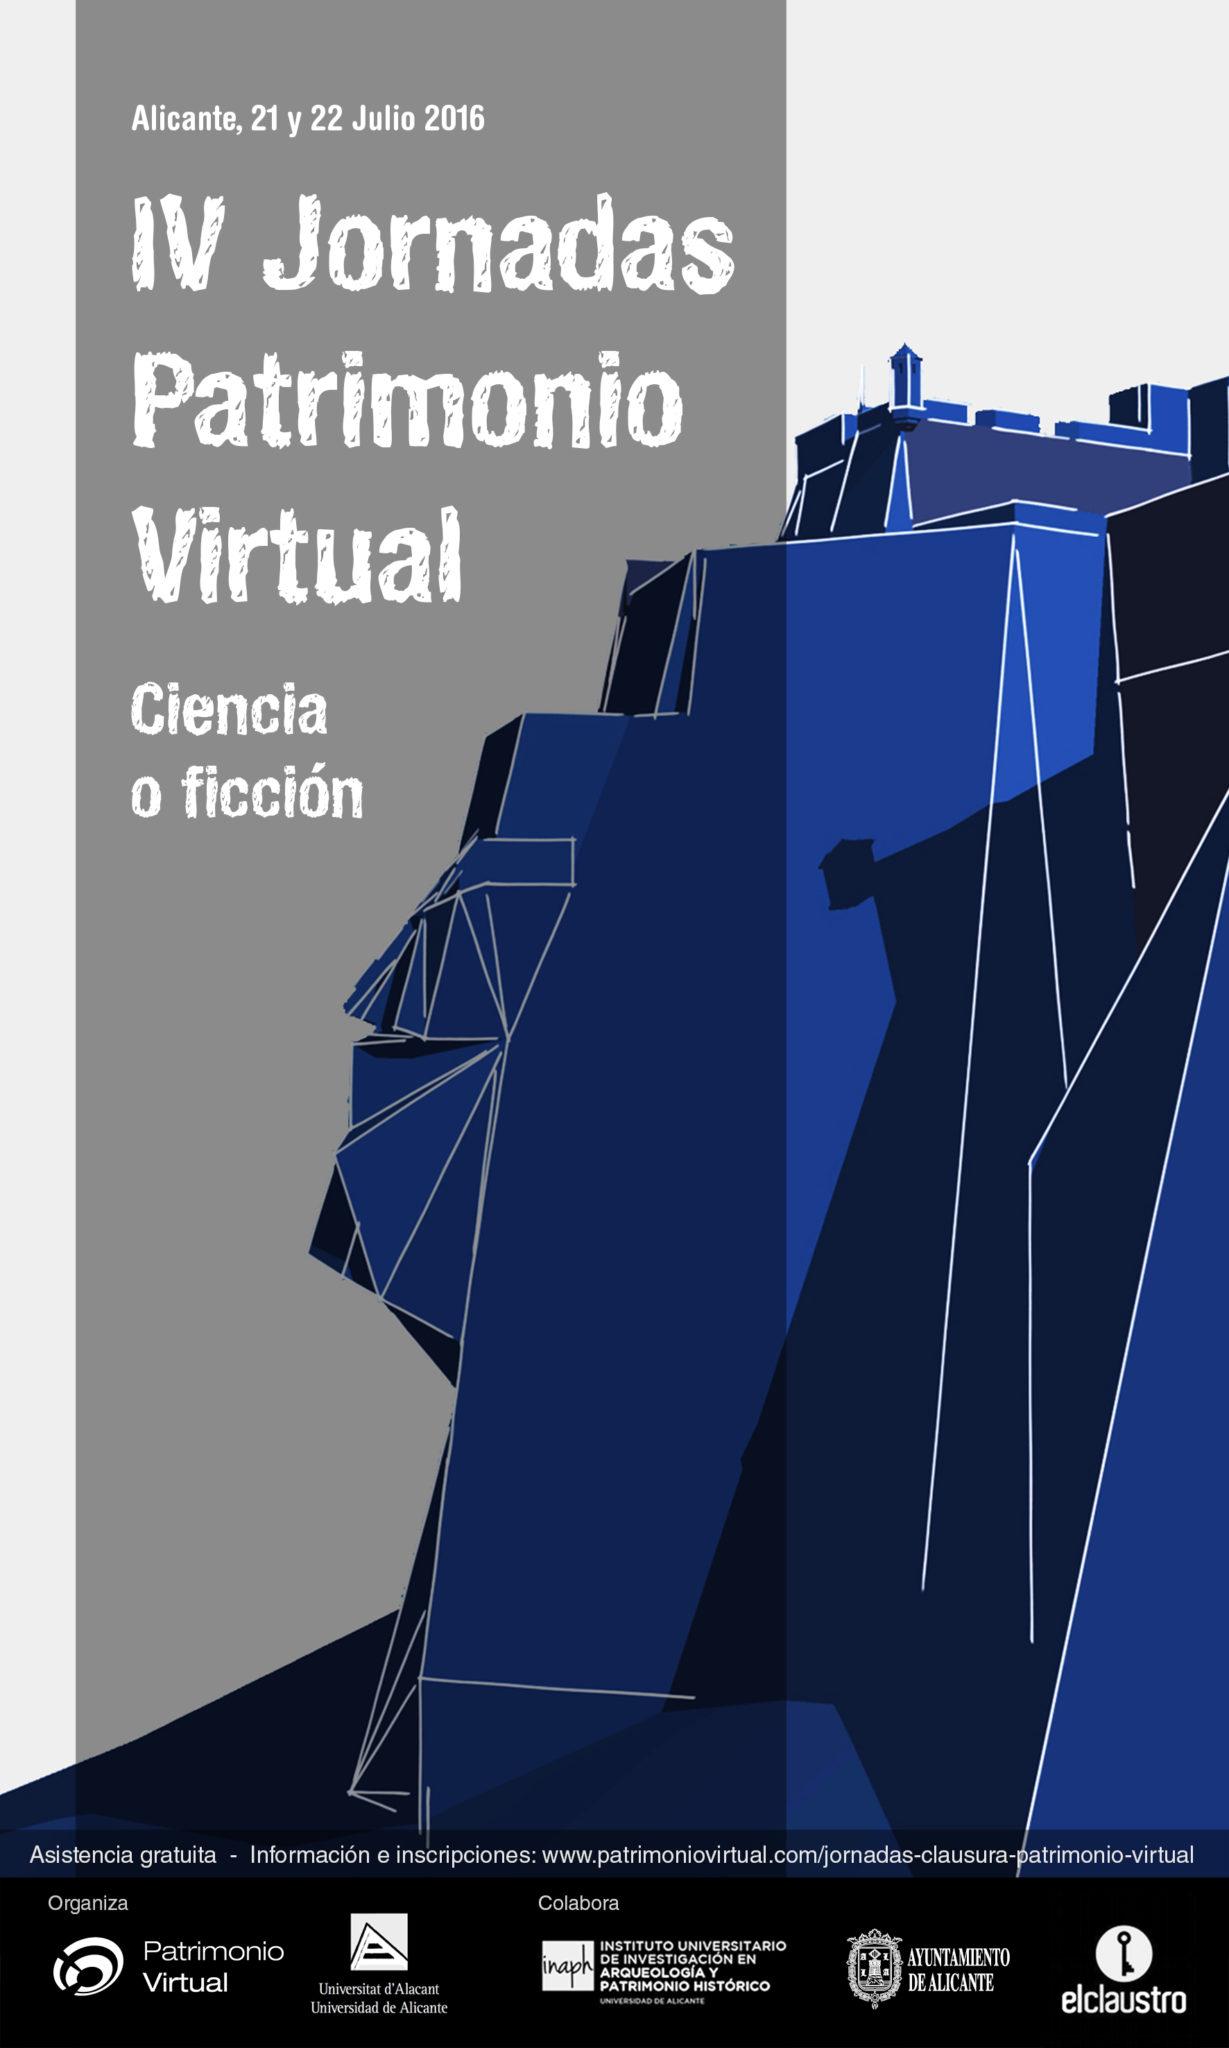 Jornadas Patrimonio Virtual